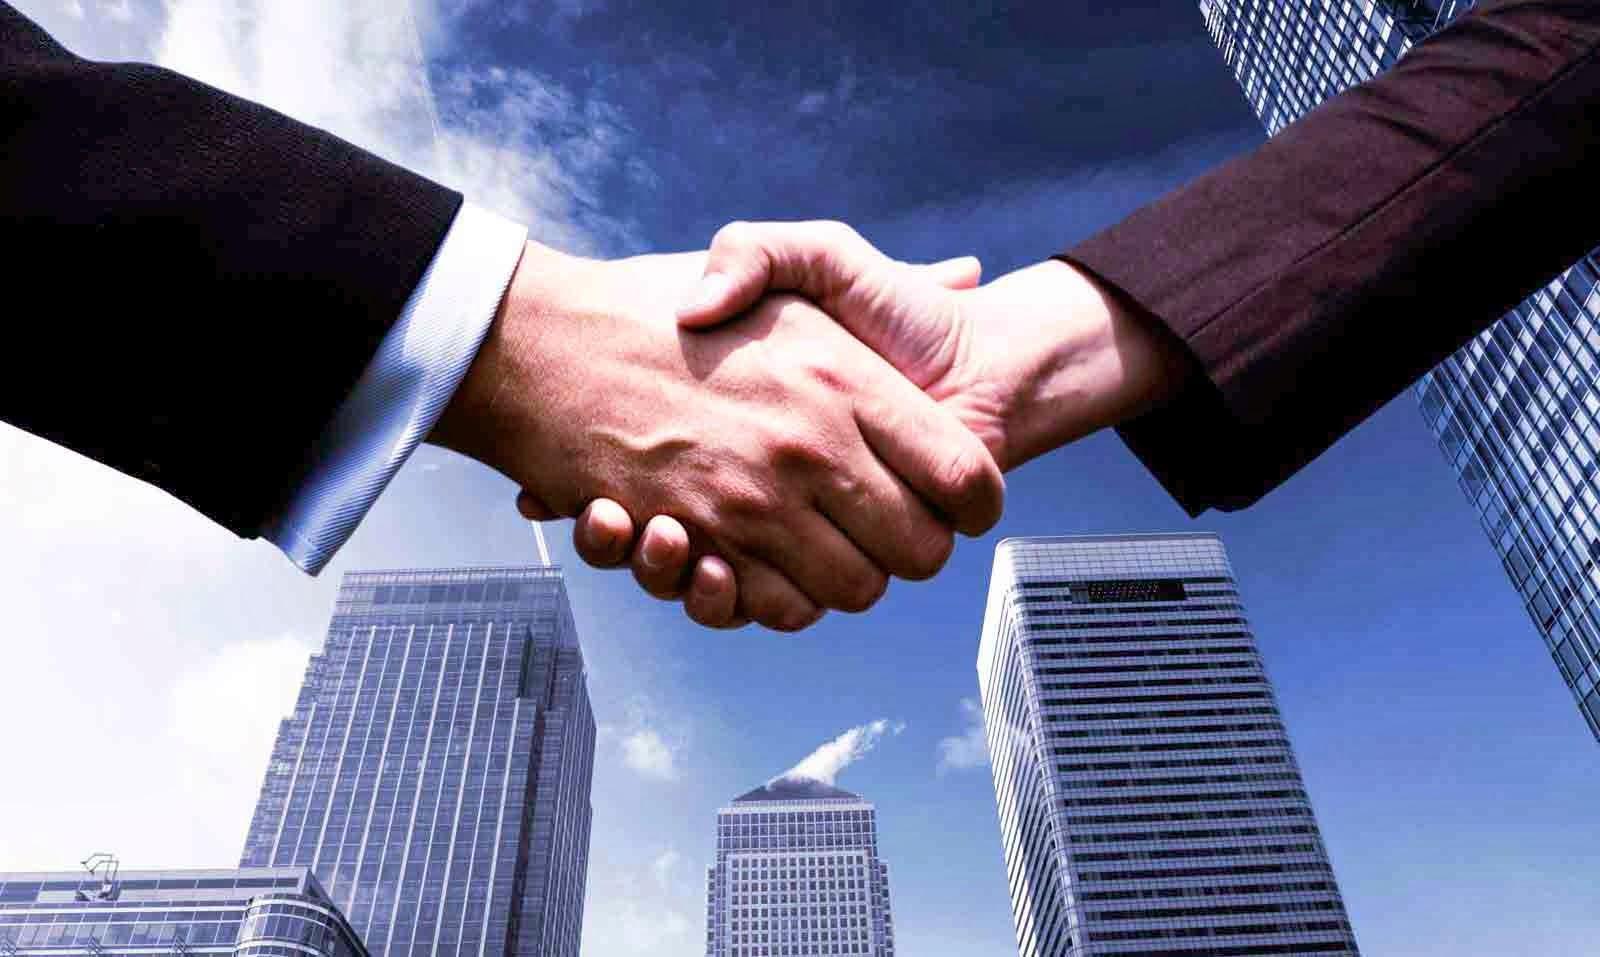 Chiến lược tìm hiểu công ty mơ ước khi phỏng vấn